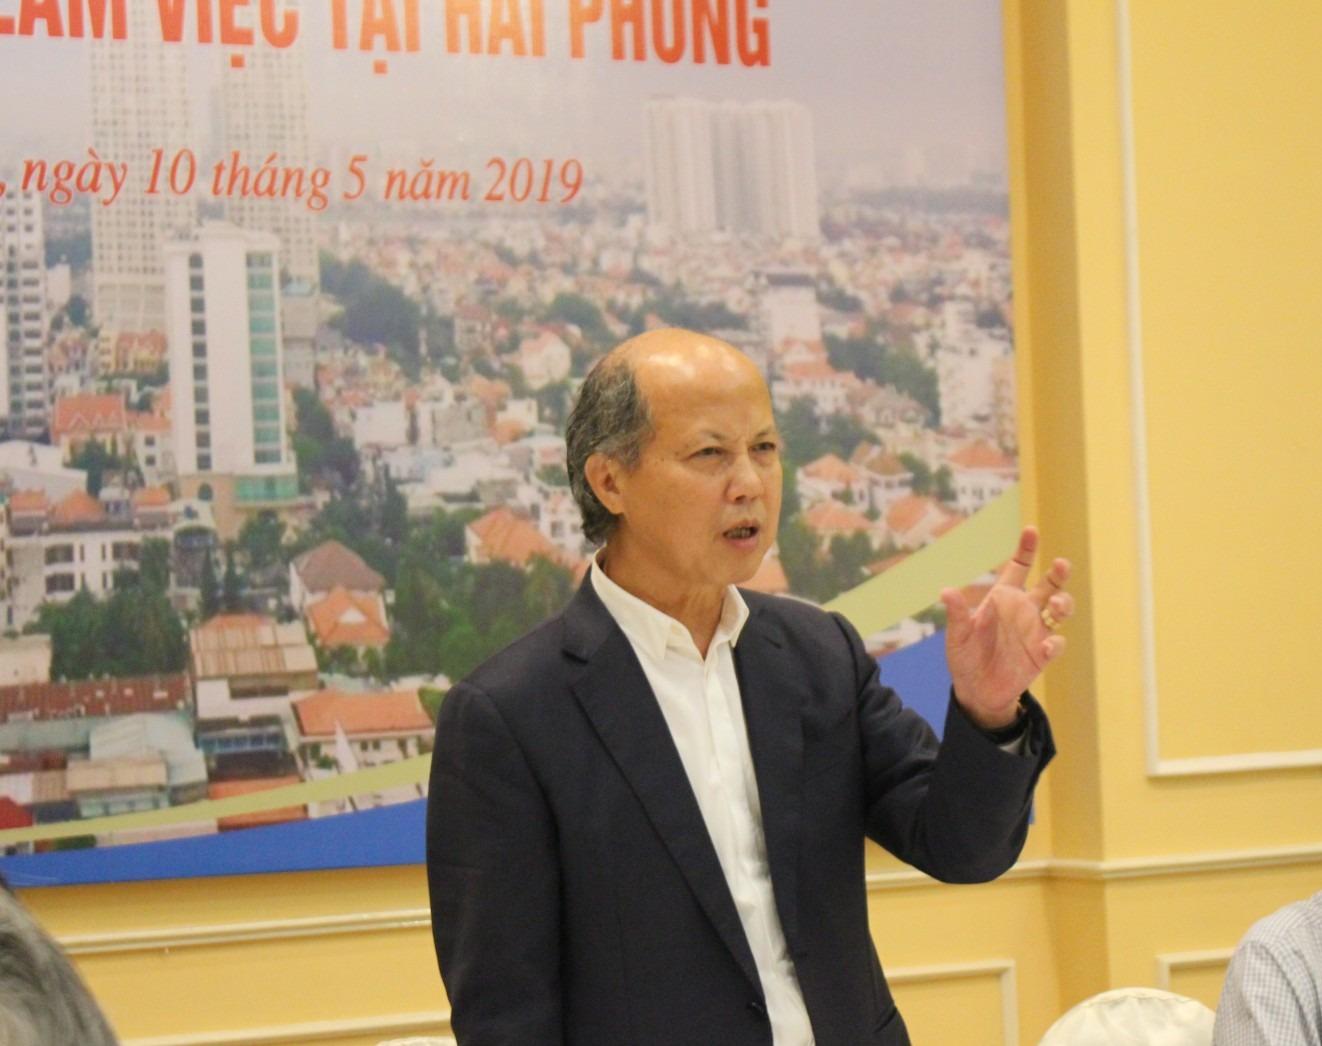 Chủ tịch Nguyễn Trần Nam chia sẻ tại cuộc làm việc